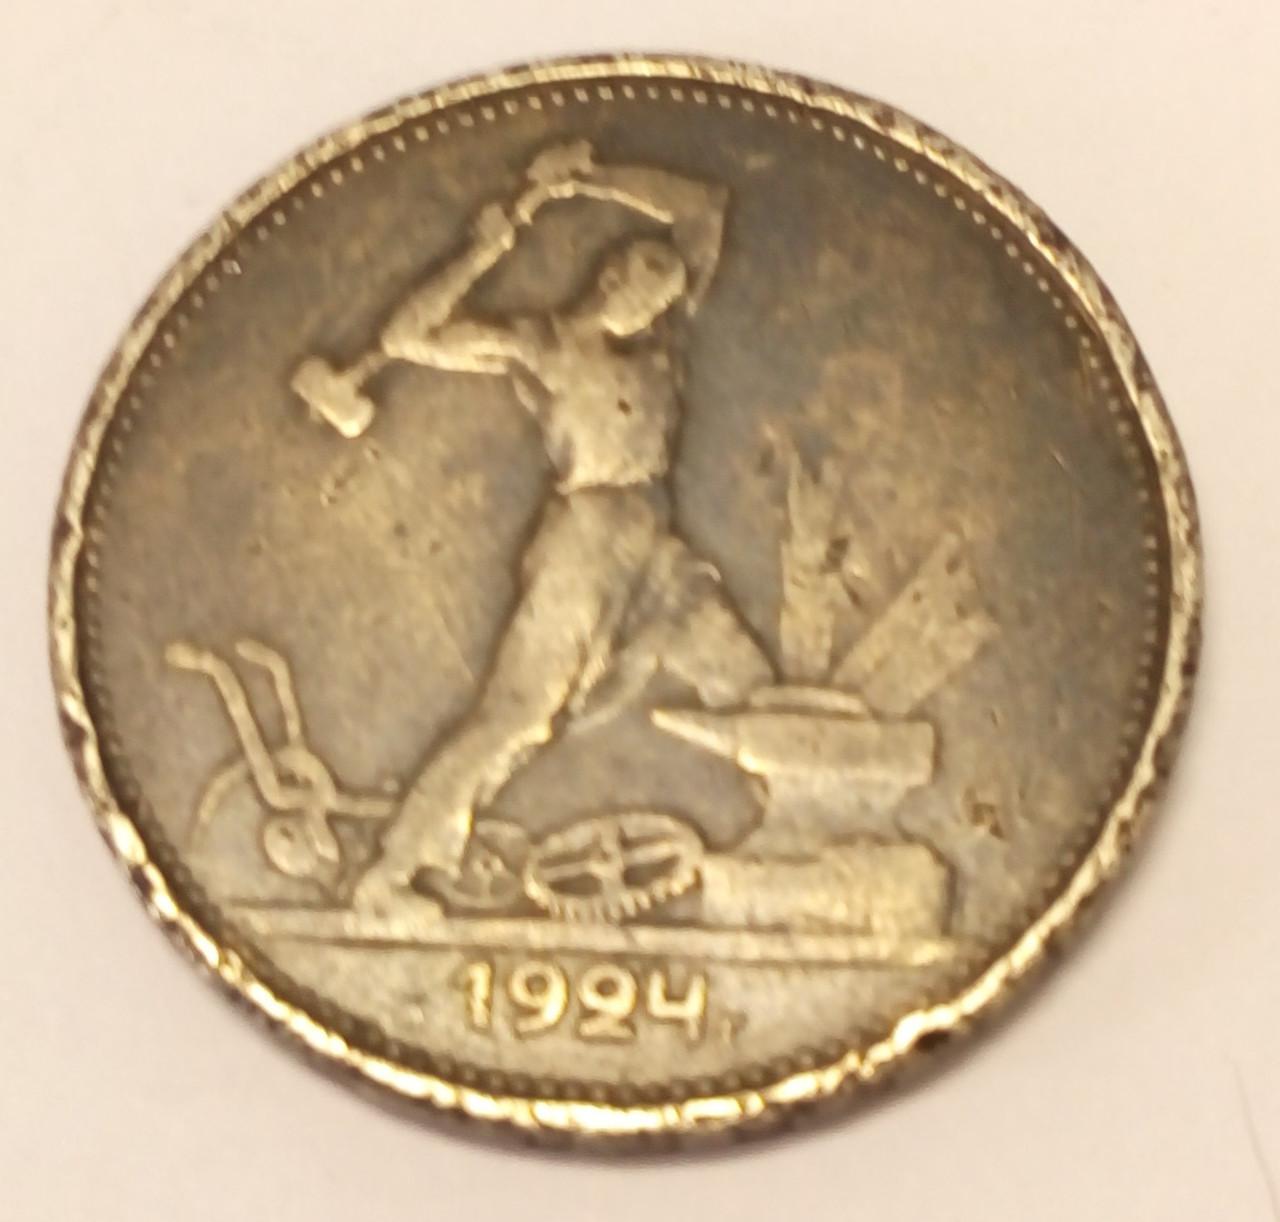 Продать серебряную монету 1924 года стоимость 10 руб 2005 года